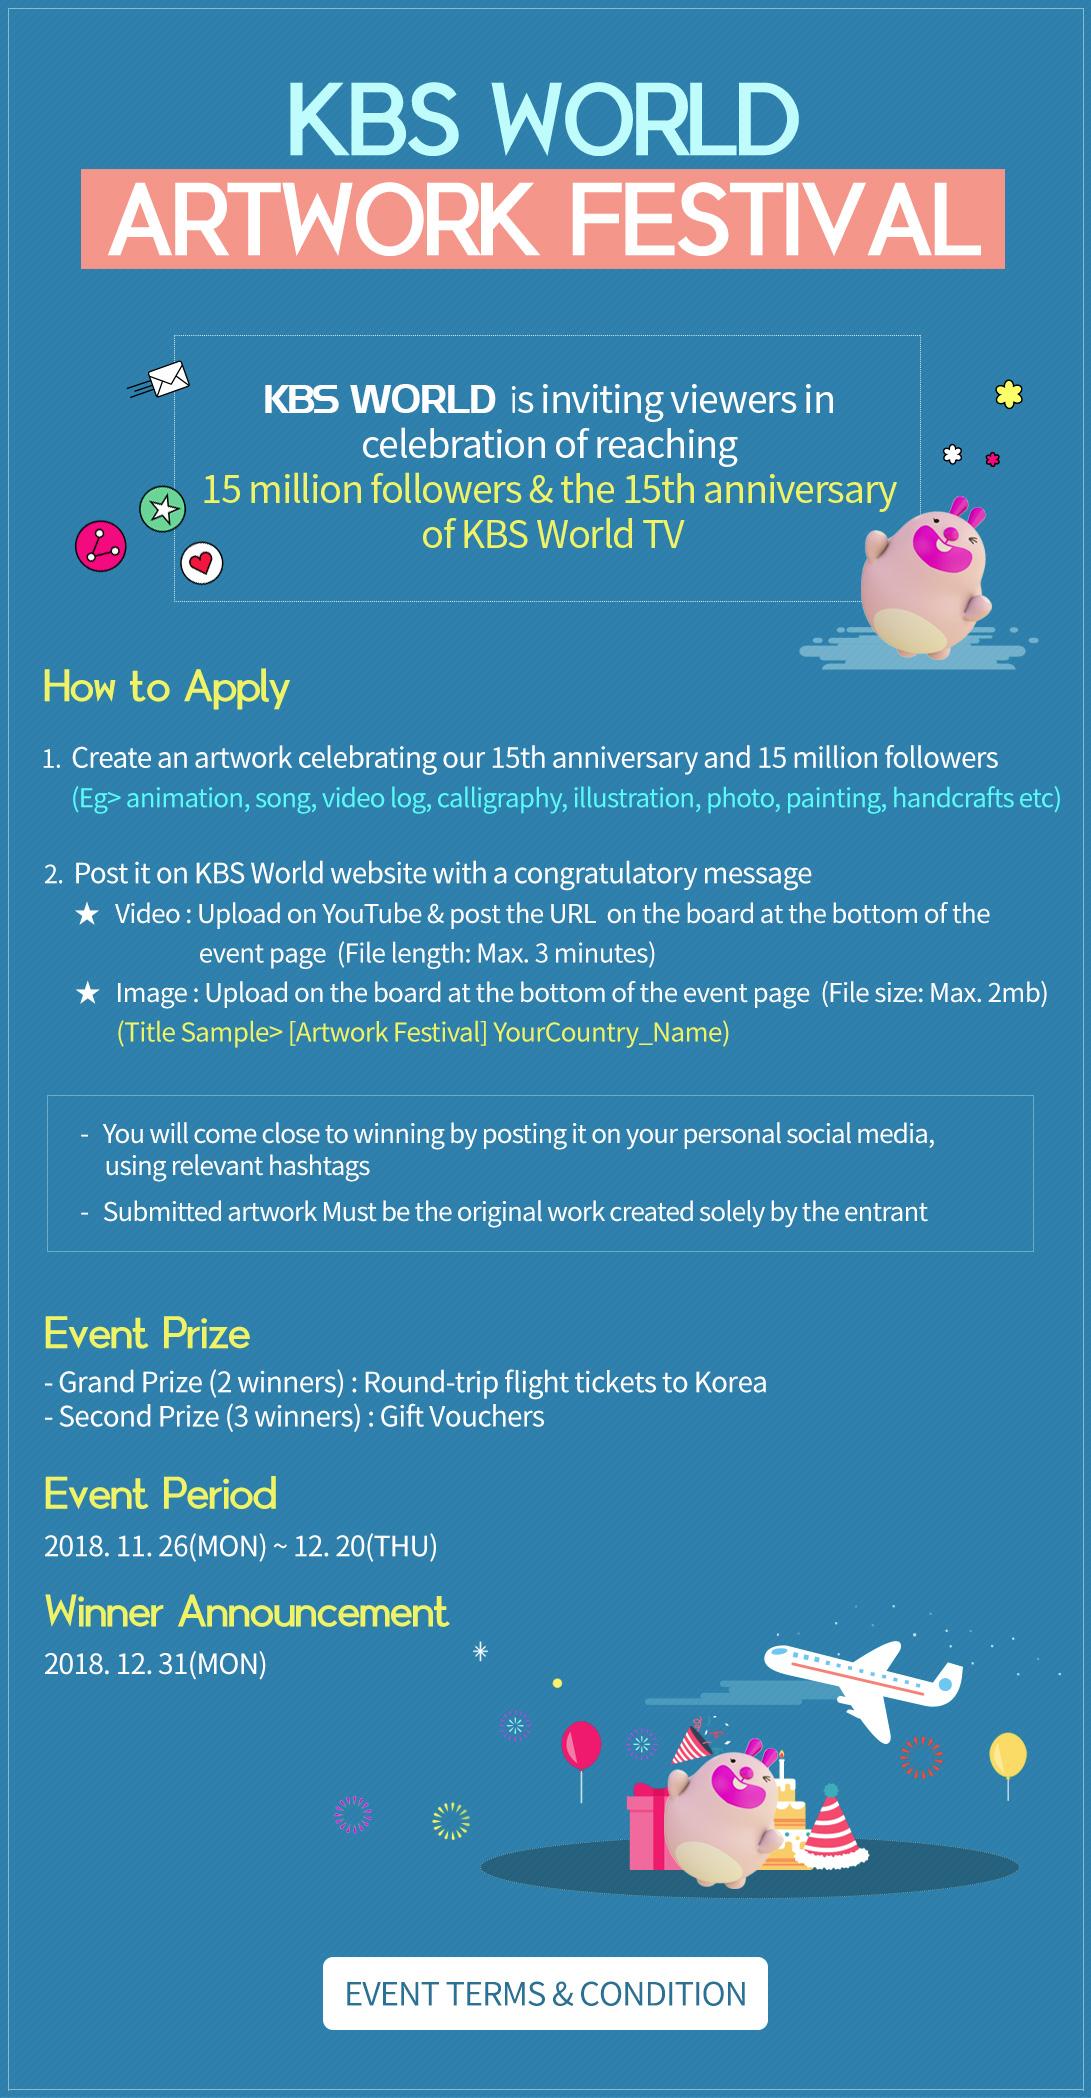 KBS WORLD ARTWORK FESTIVAL